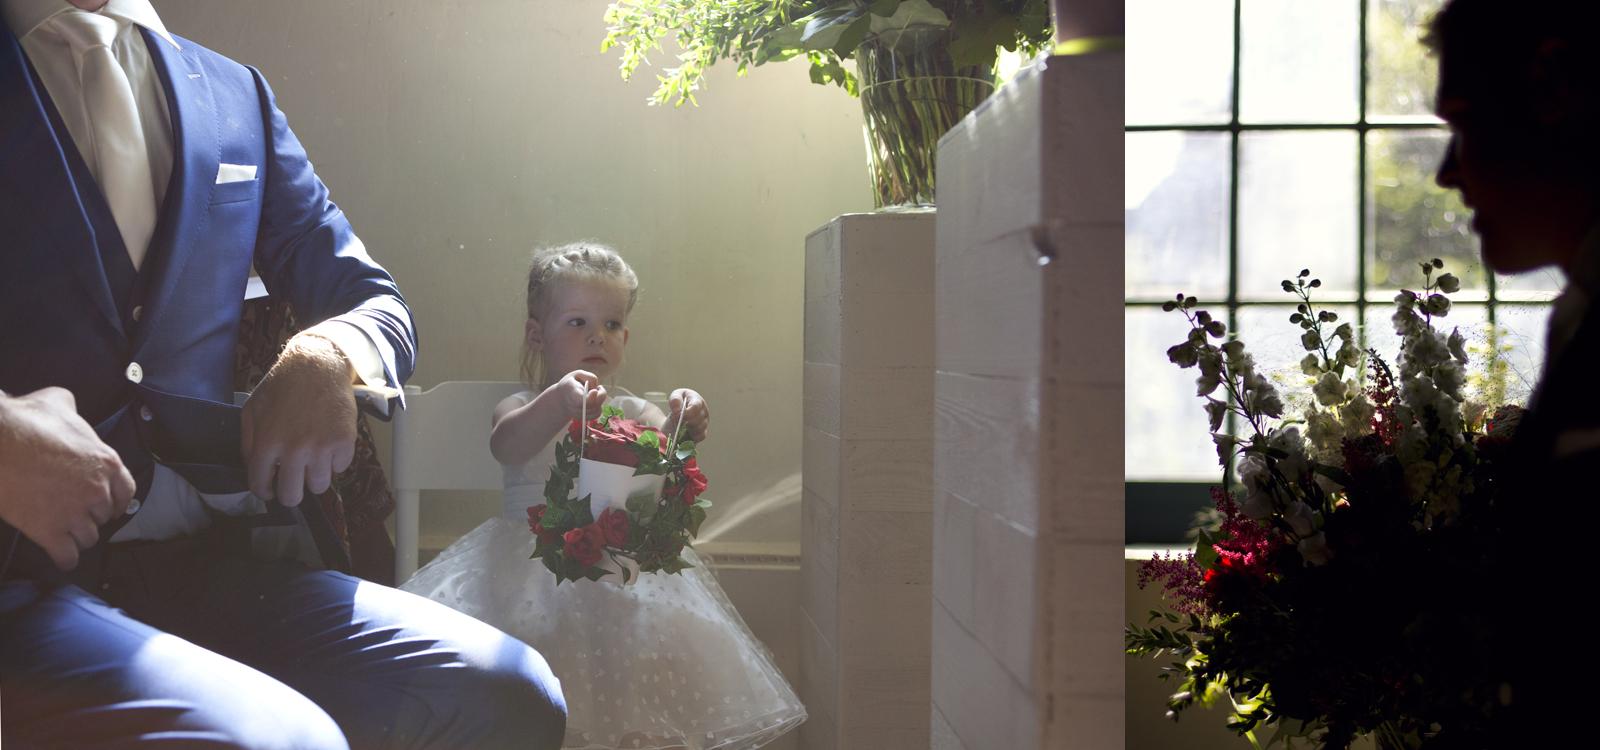 Prachtige trouwfotografie in een kleine kerk. De bruidegom wacht tot hij de kerk in mag.